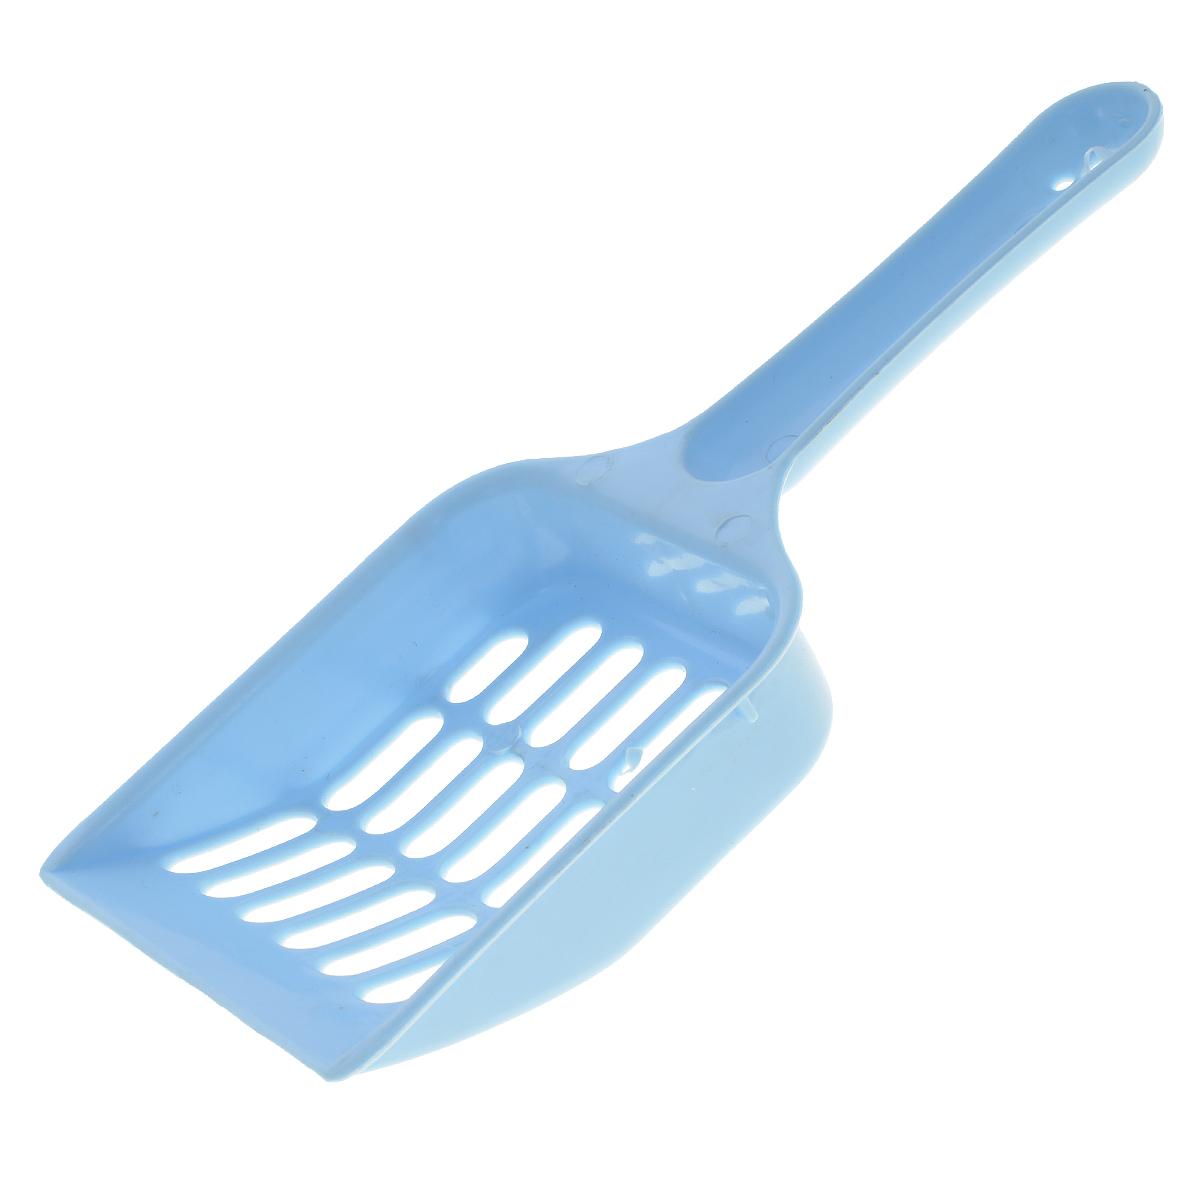 Совок V.I.Pet для кошачьего туалета, цвет: голубой, длина 20 см0120710Совок для кошачьего туалета изготовлен из прочного пластика. Рабочая поверхность совка с крупной сеткой позволяет освободить туалет от образовавшихся комков и просеять наполнитель. На ручке совка есть отверстие для подвешивания на стену. С помощью этого совка вы сможете быстро и качественно убрать туалет кошки. Длина совка: 20 см.Размер рабочей поверхности совка: 9 см х 9,5 см.